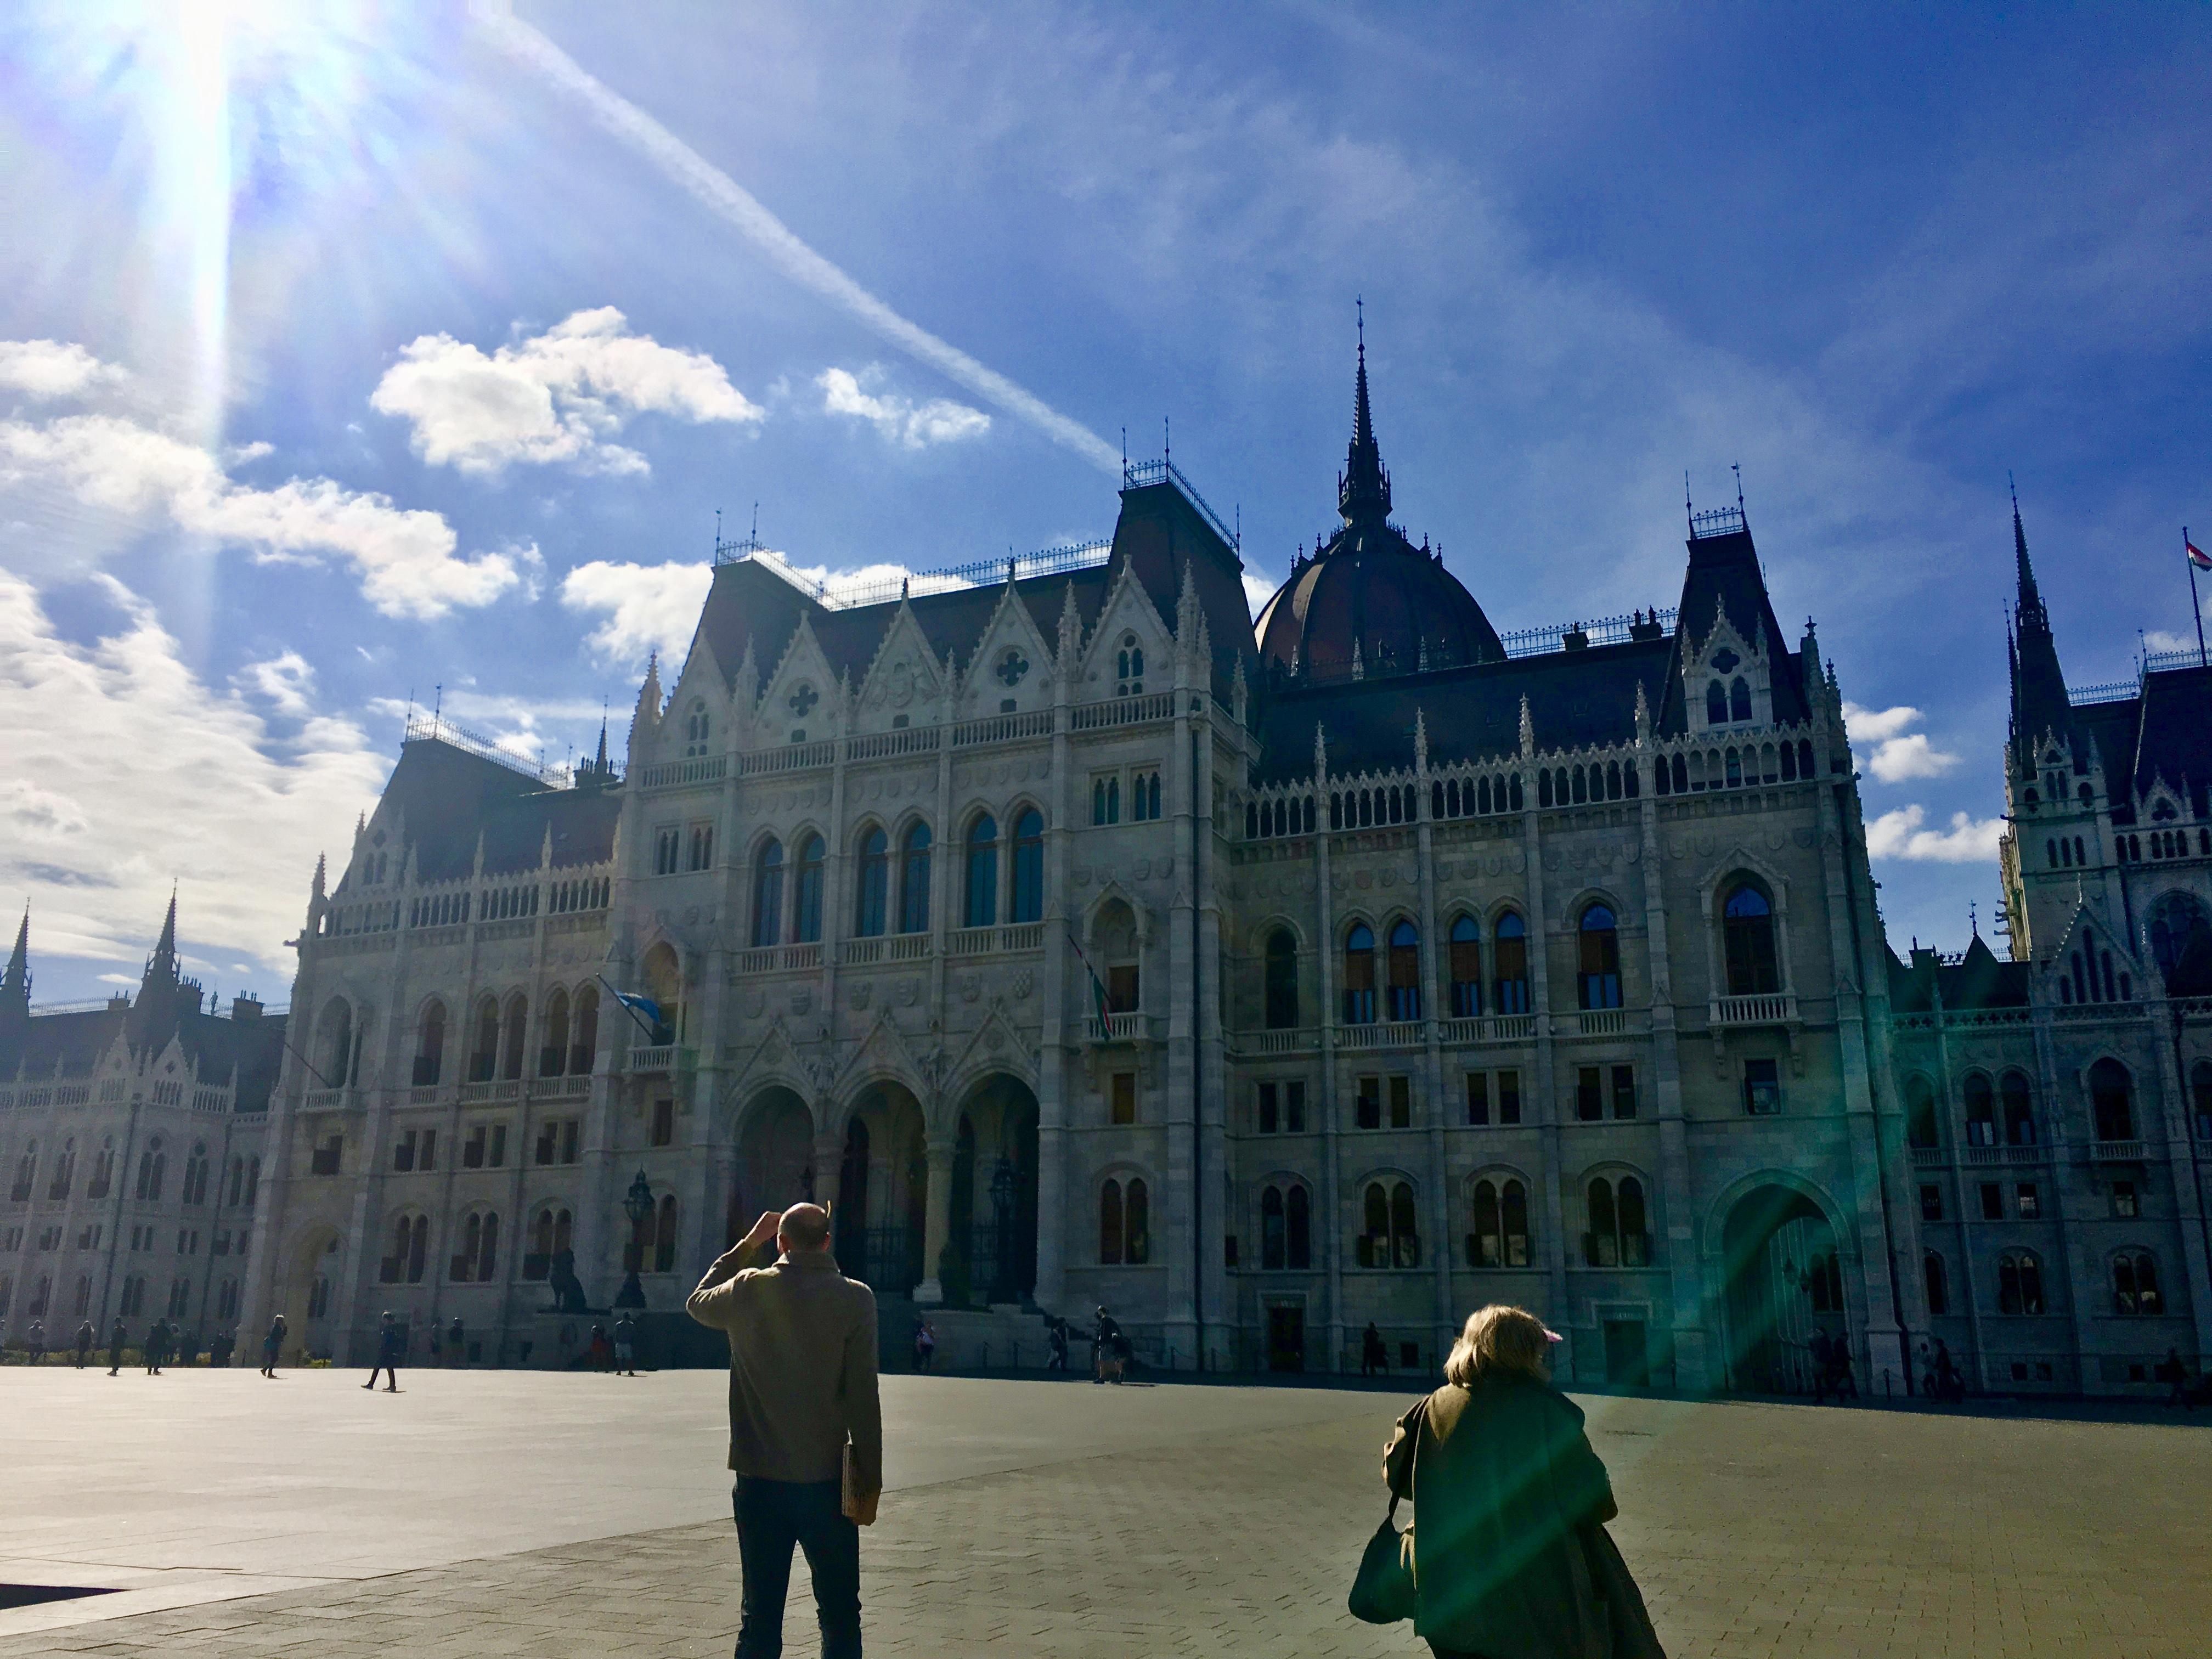 ブダペスト滞在☆ちょこっとお散歩したりモールでショッピングしたりな日